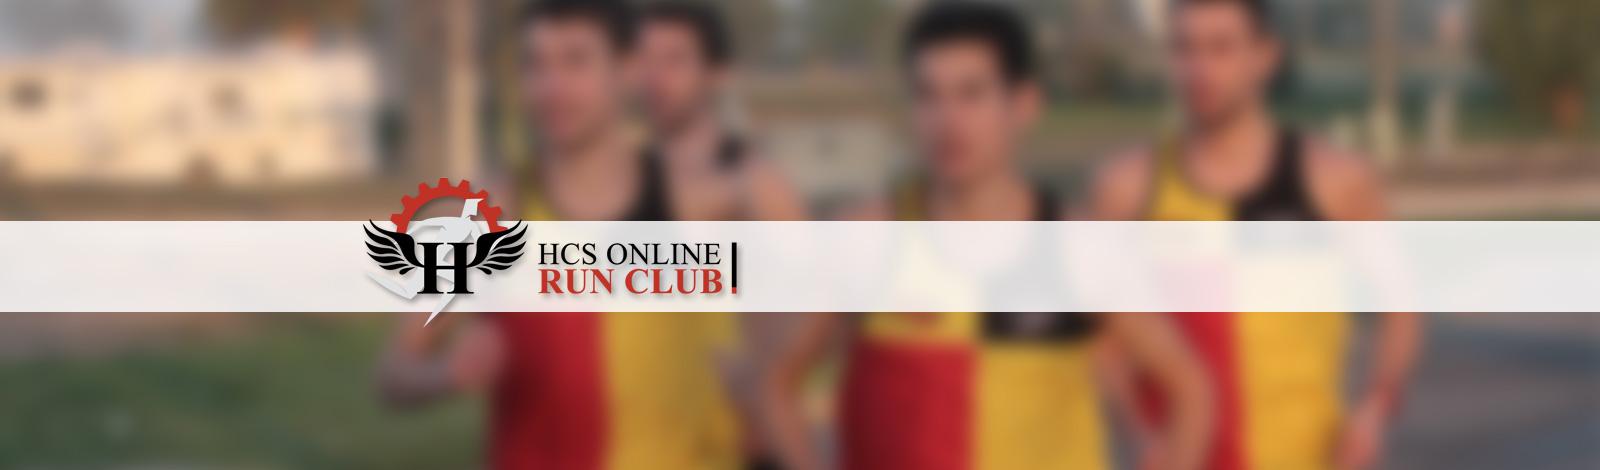 runclub_bg